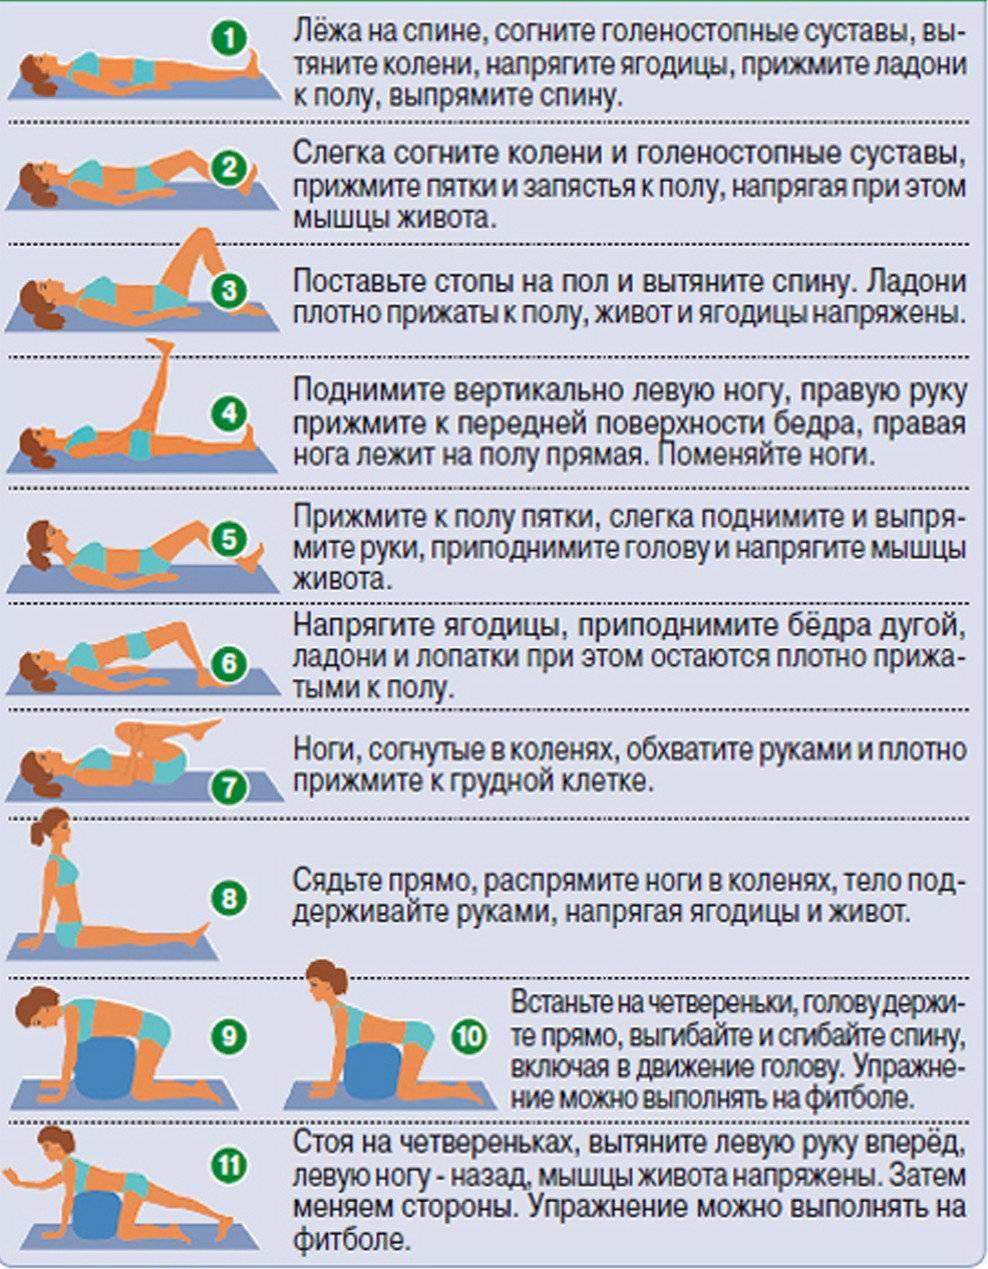 Чем полезен пилатес для позвоночника